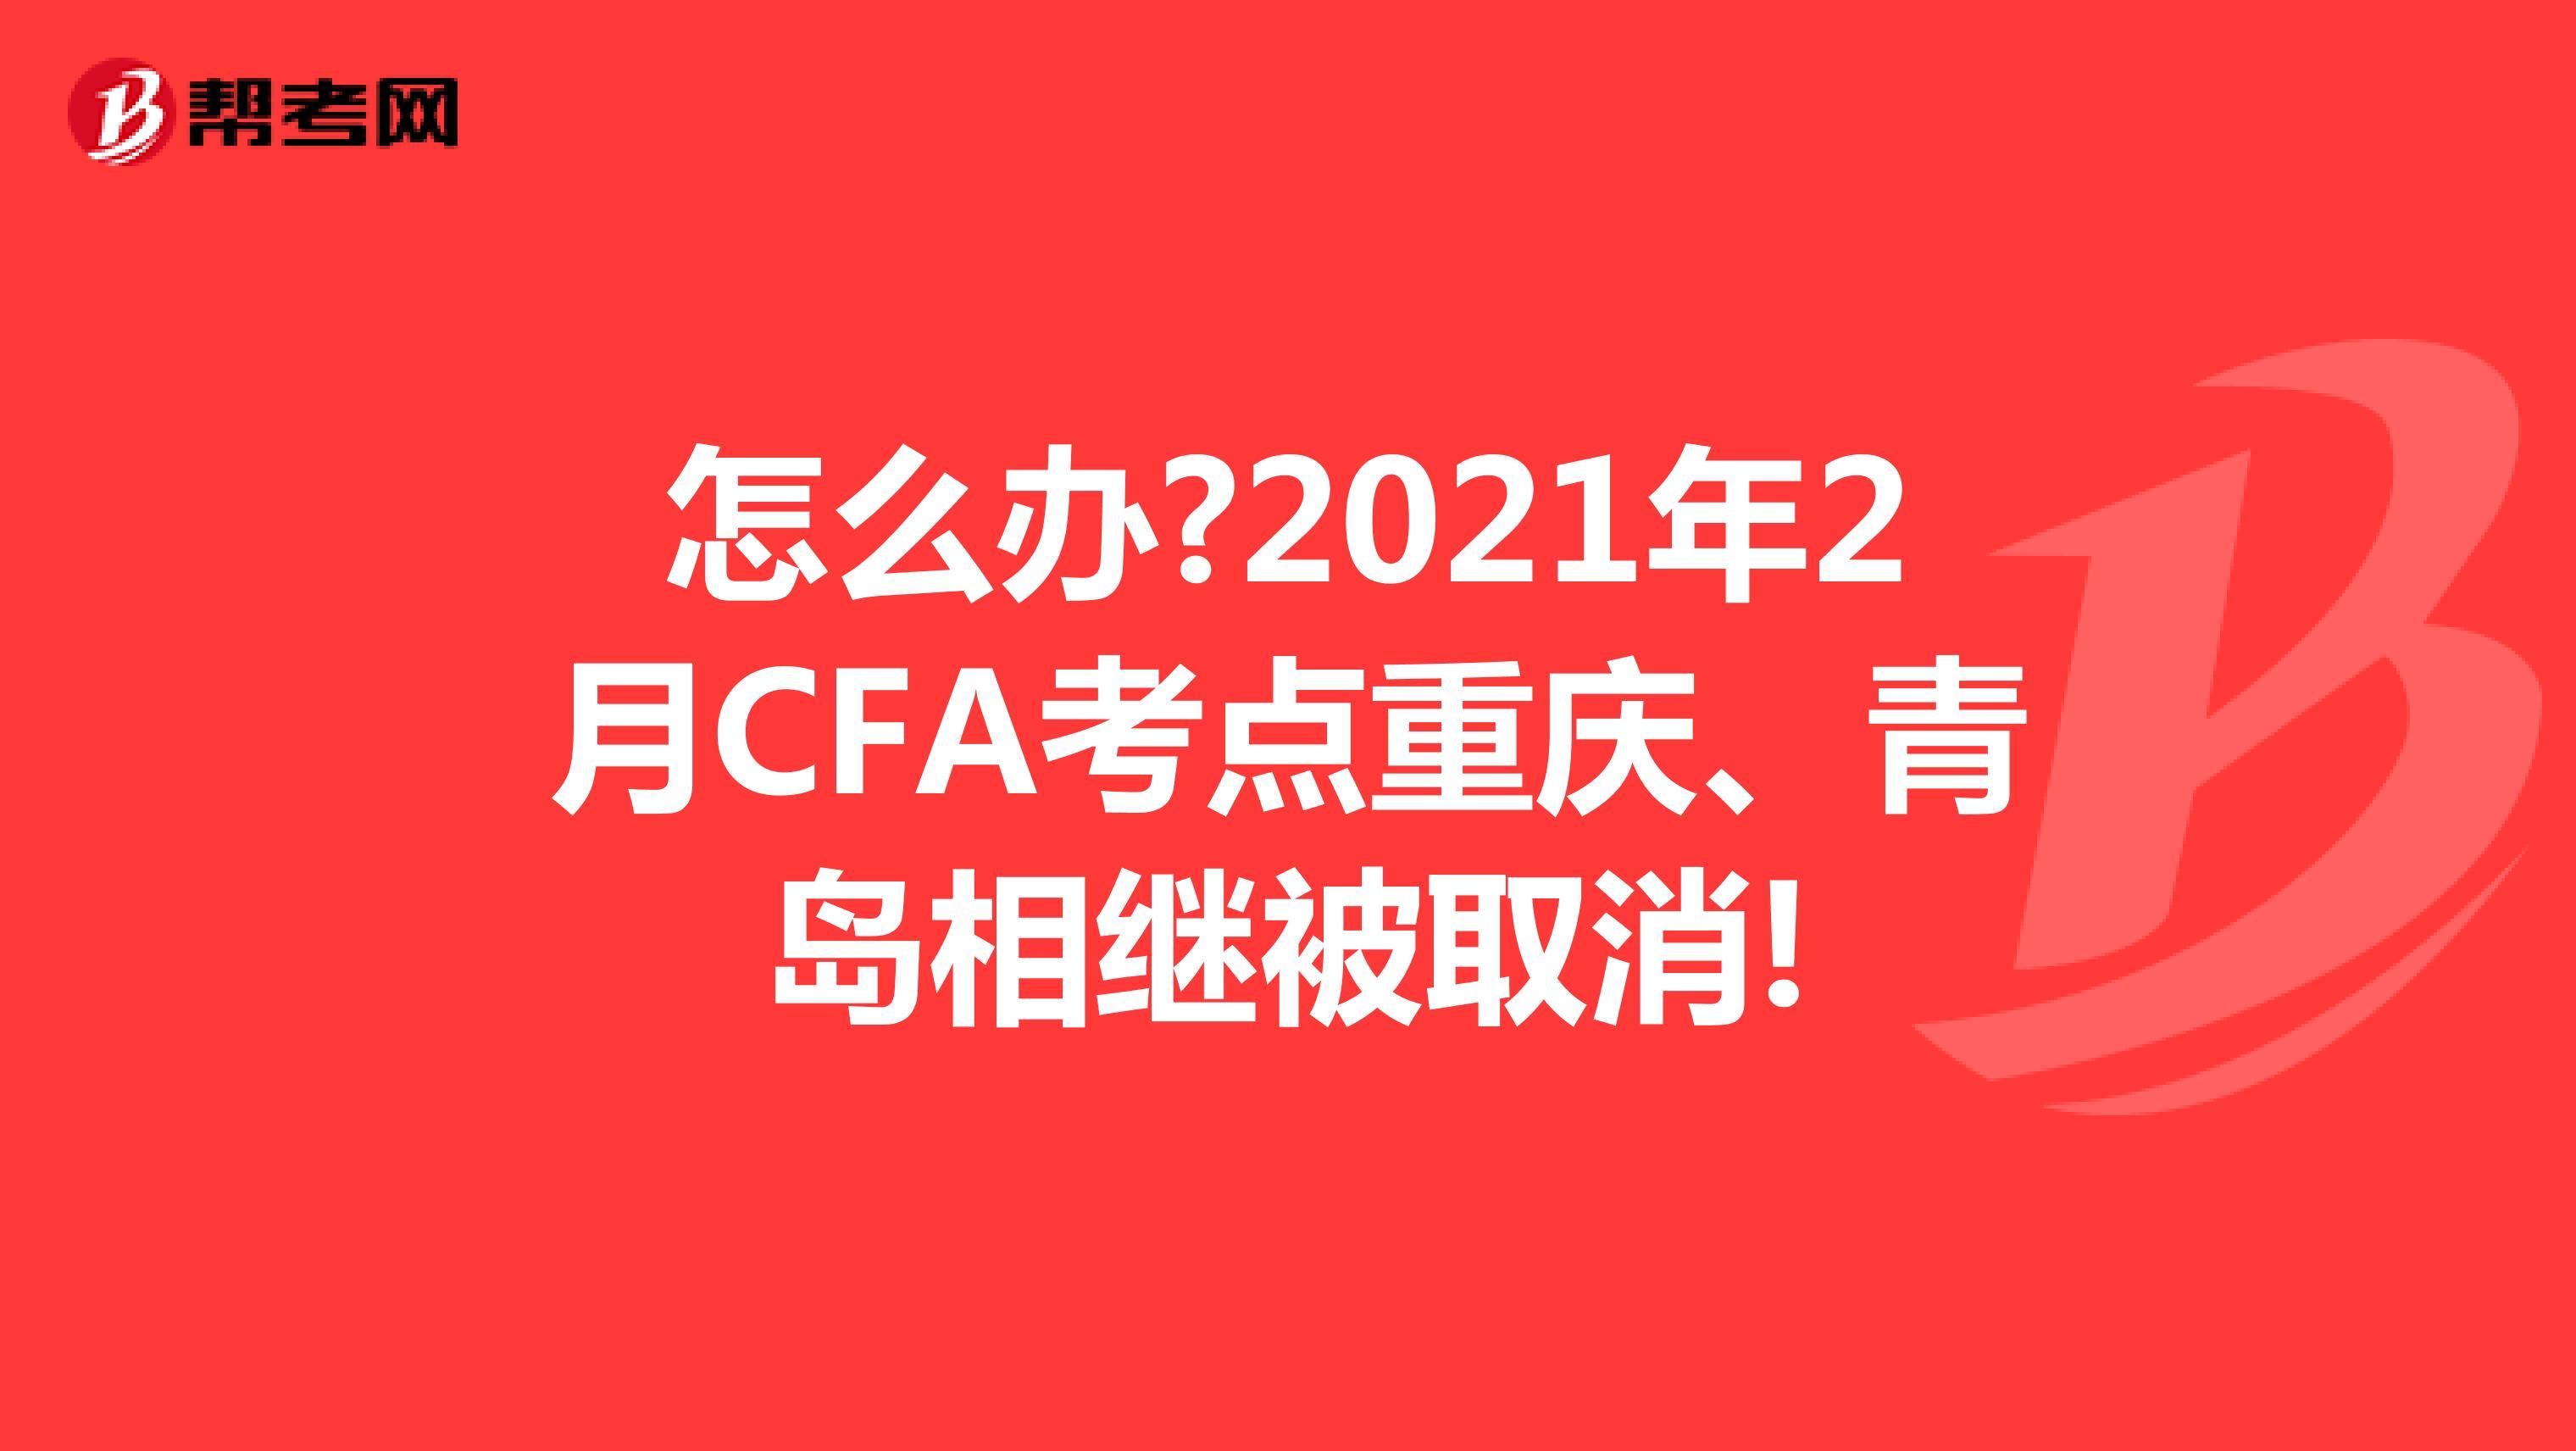 怎么办?2021年2月CFA考点重庆、青岛相继被取消!